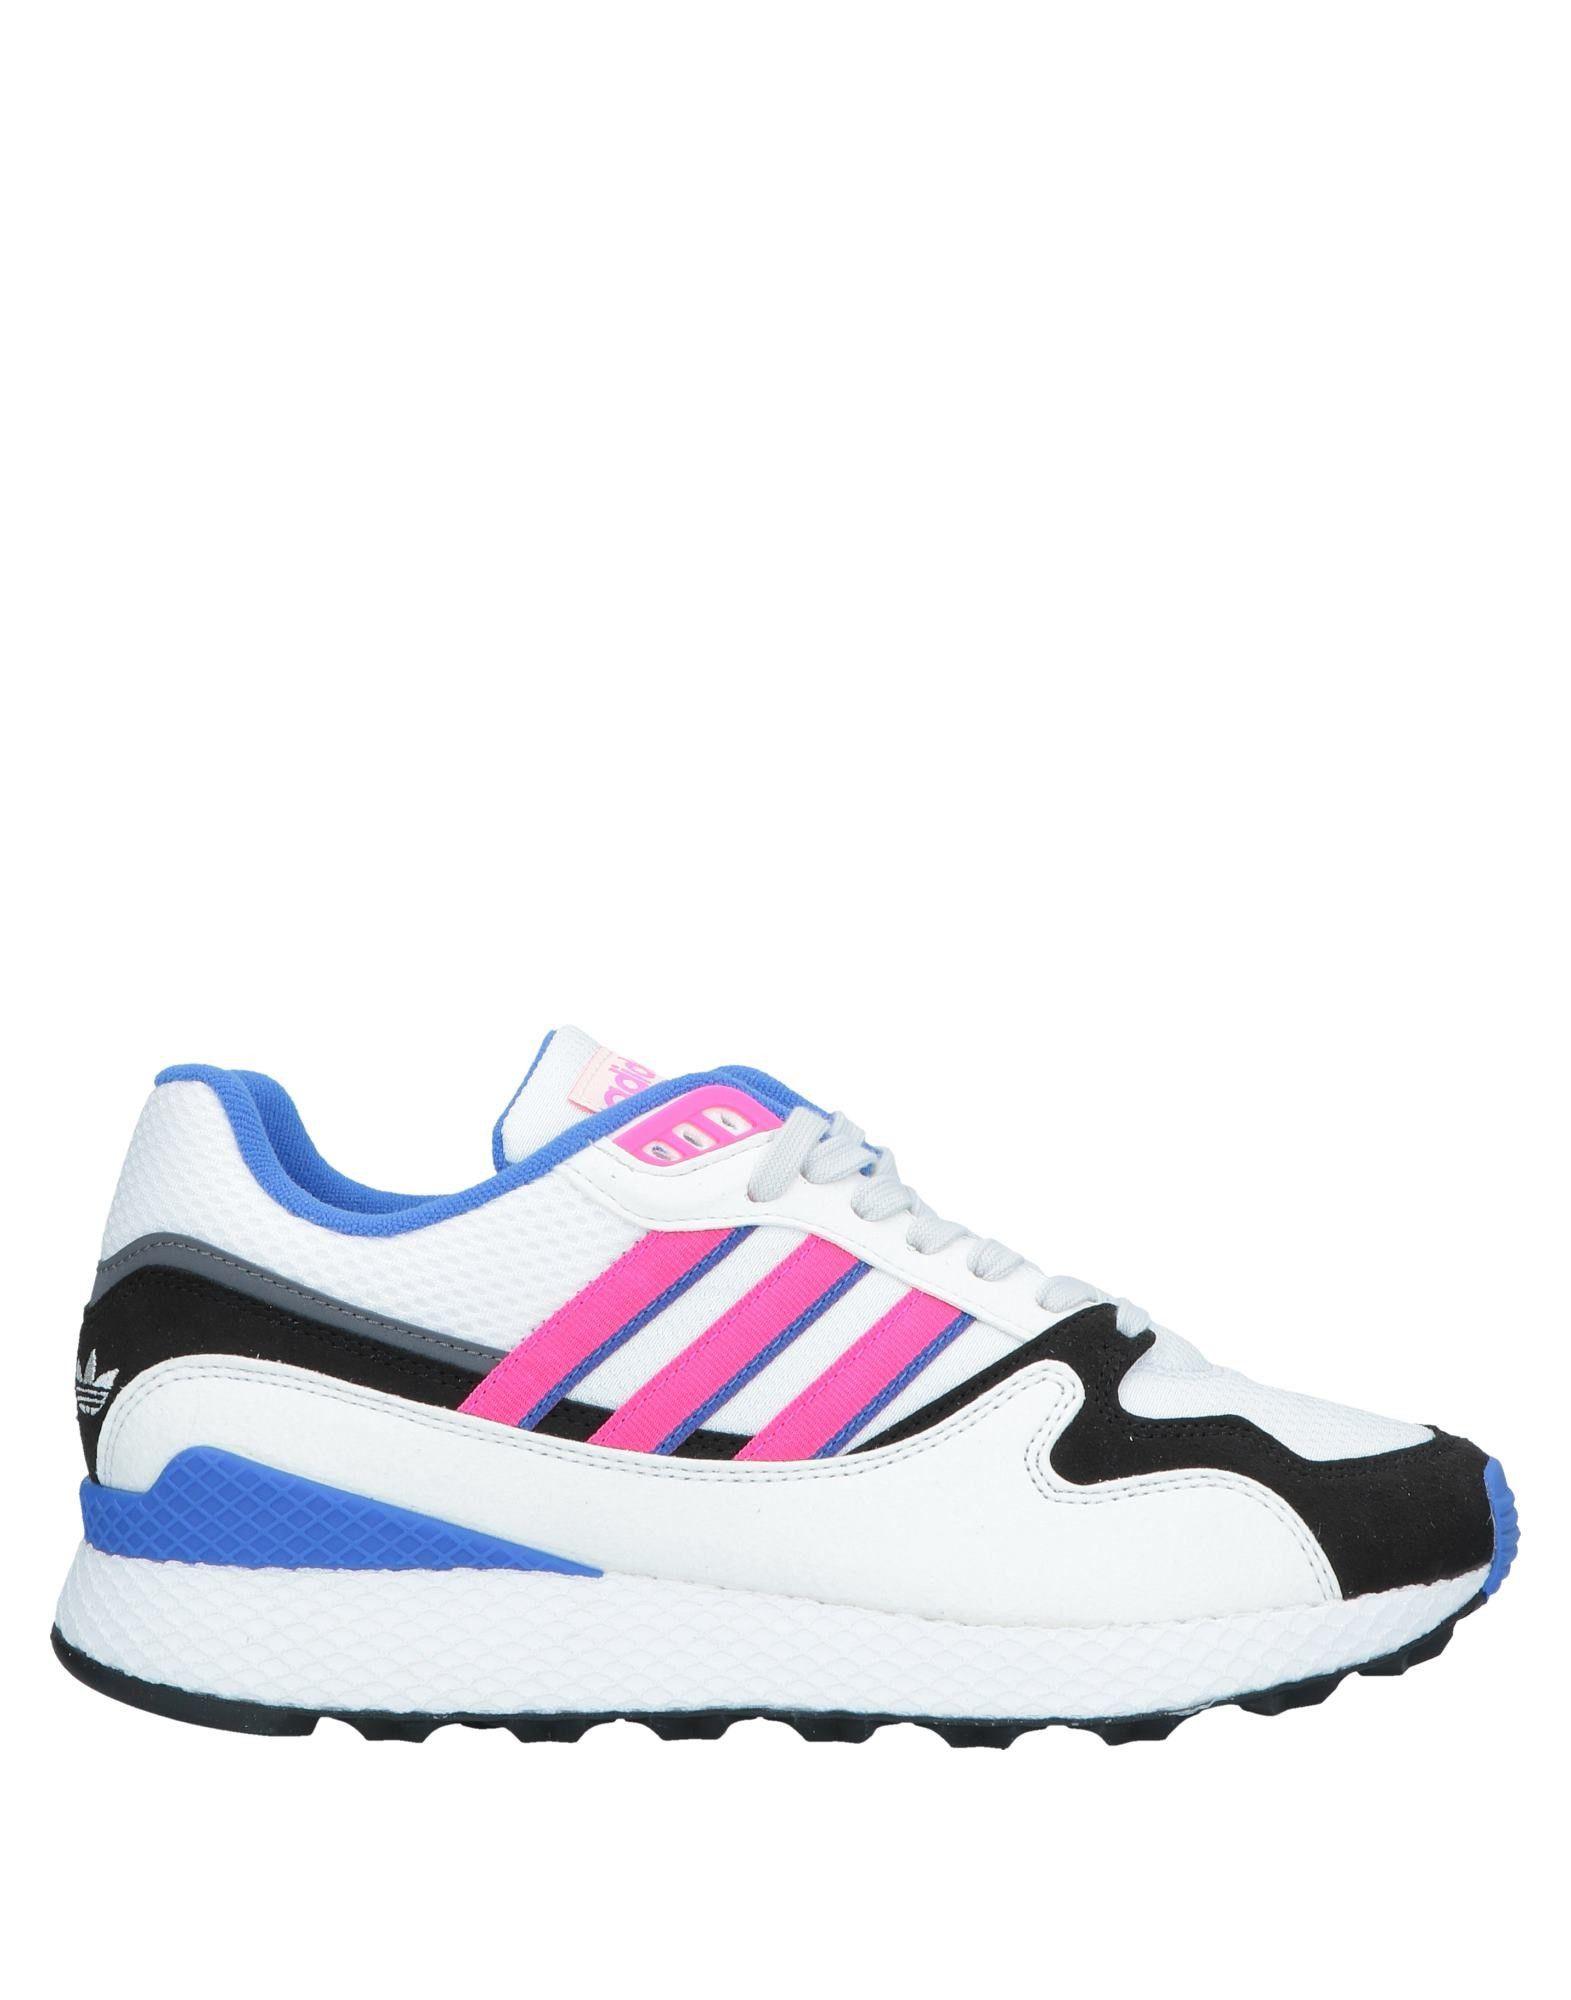 Turnscarpe Adidas Originals uomo - - 11642848DQ  günstigster Preis